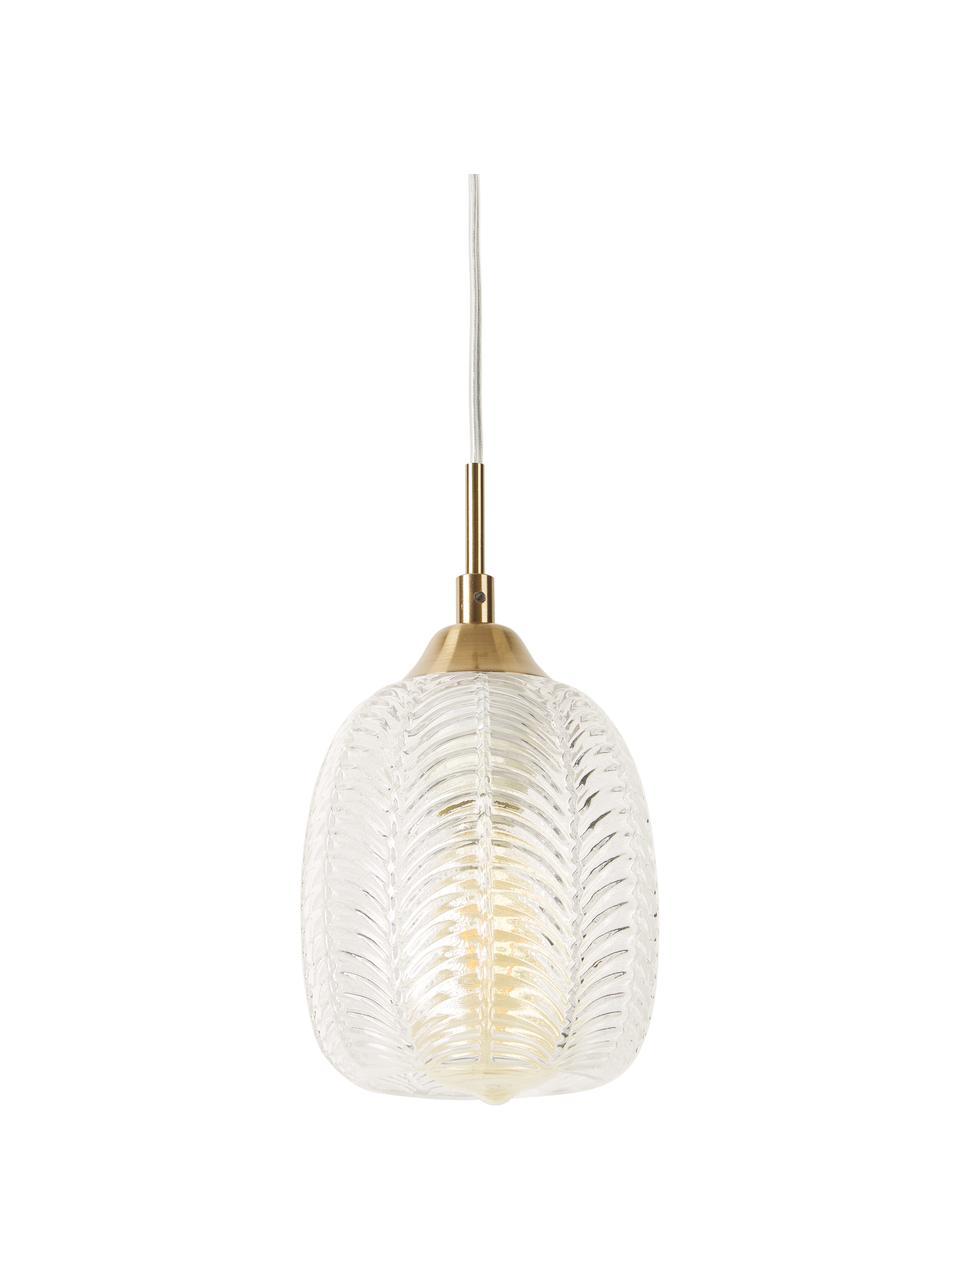 Mała lampa wisząca z satynowanego szkła Vario, Odcienie mosiądzu, transparentny, Ø 14 x 24 cm